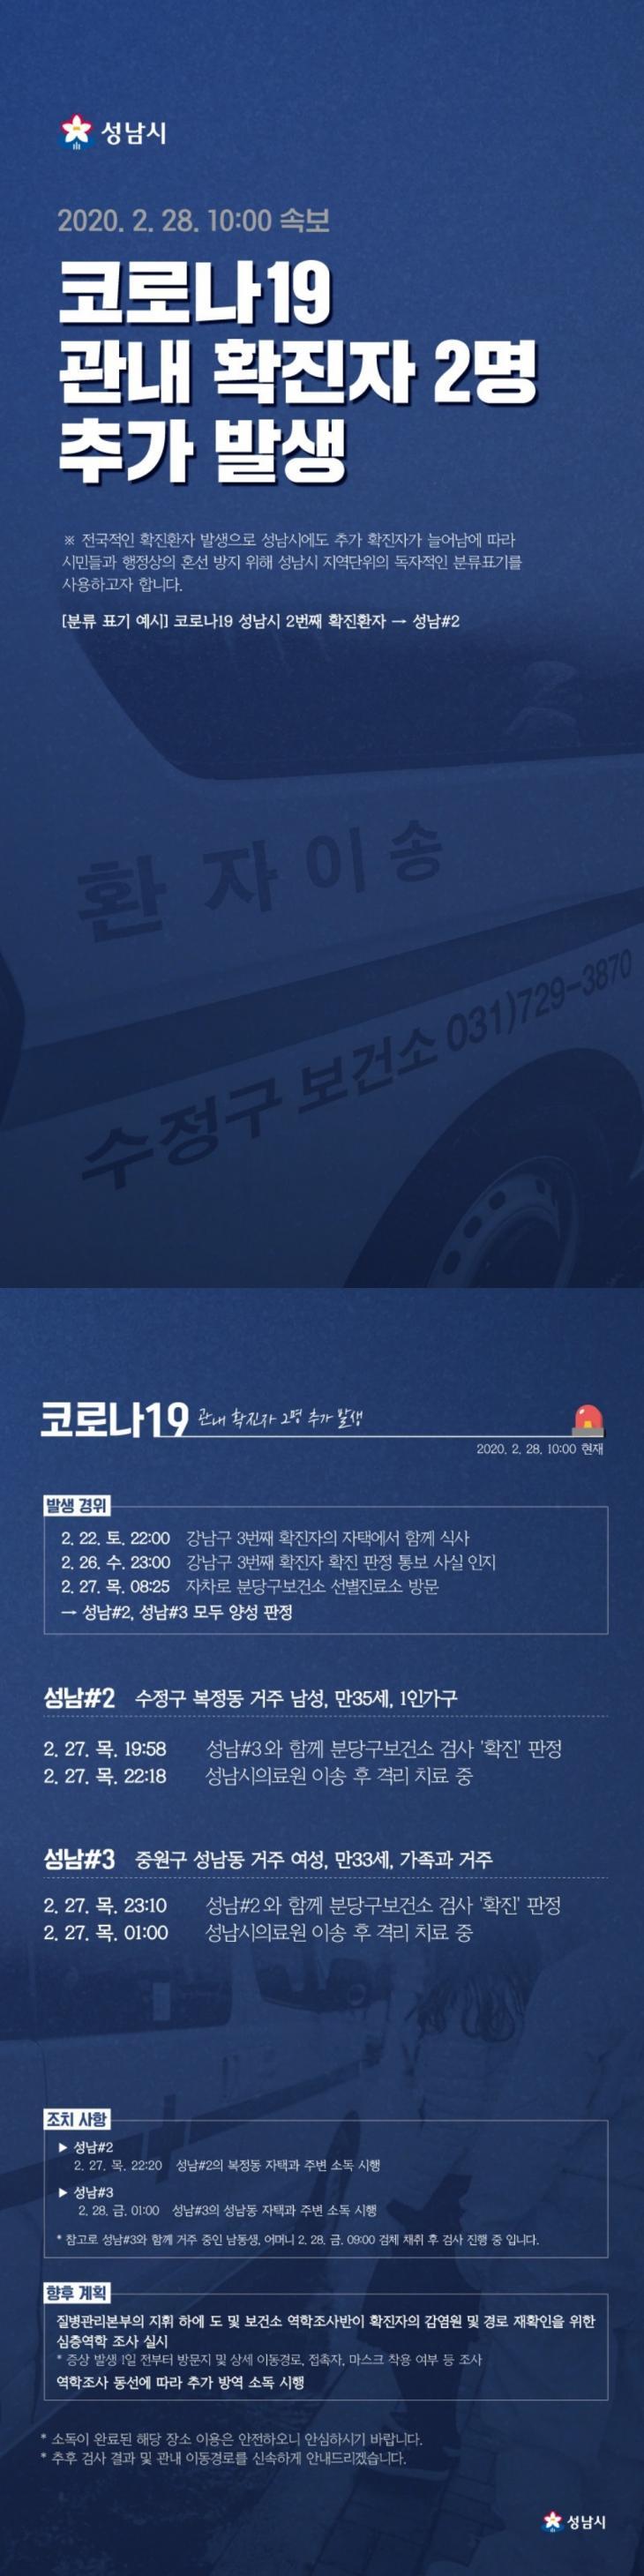 성남시 공식 페이스북